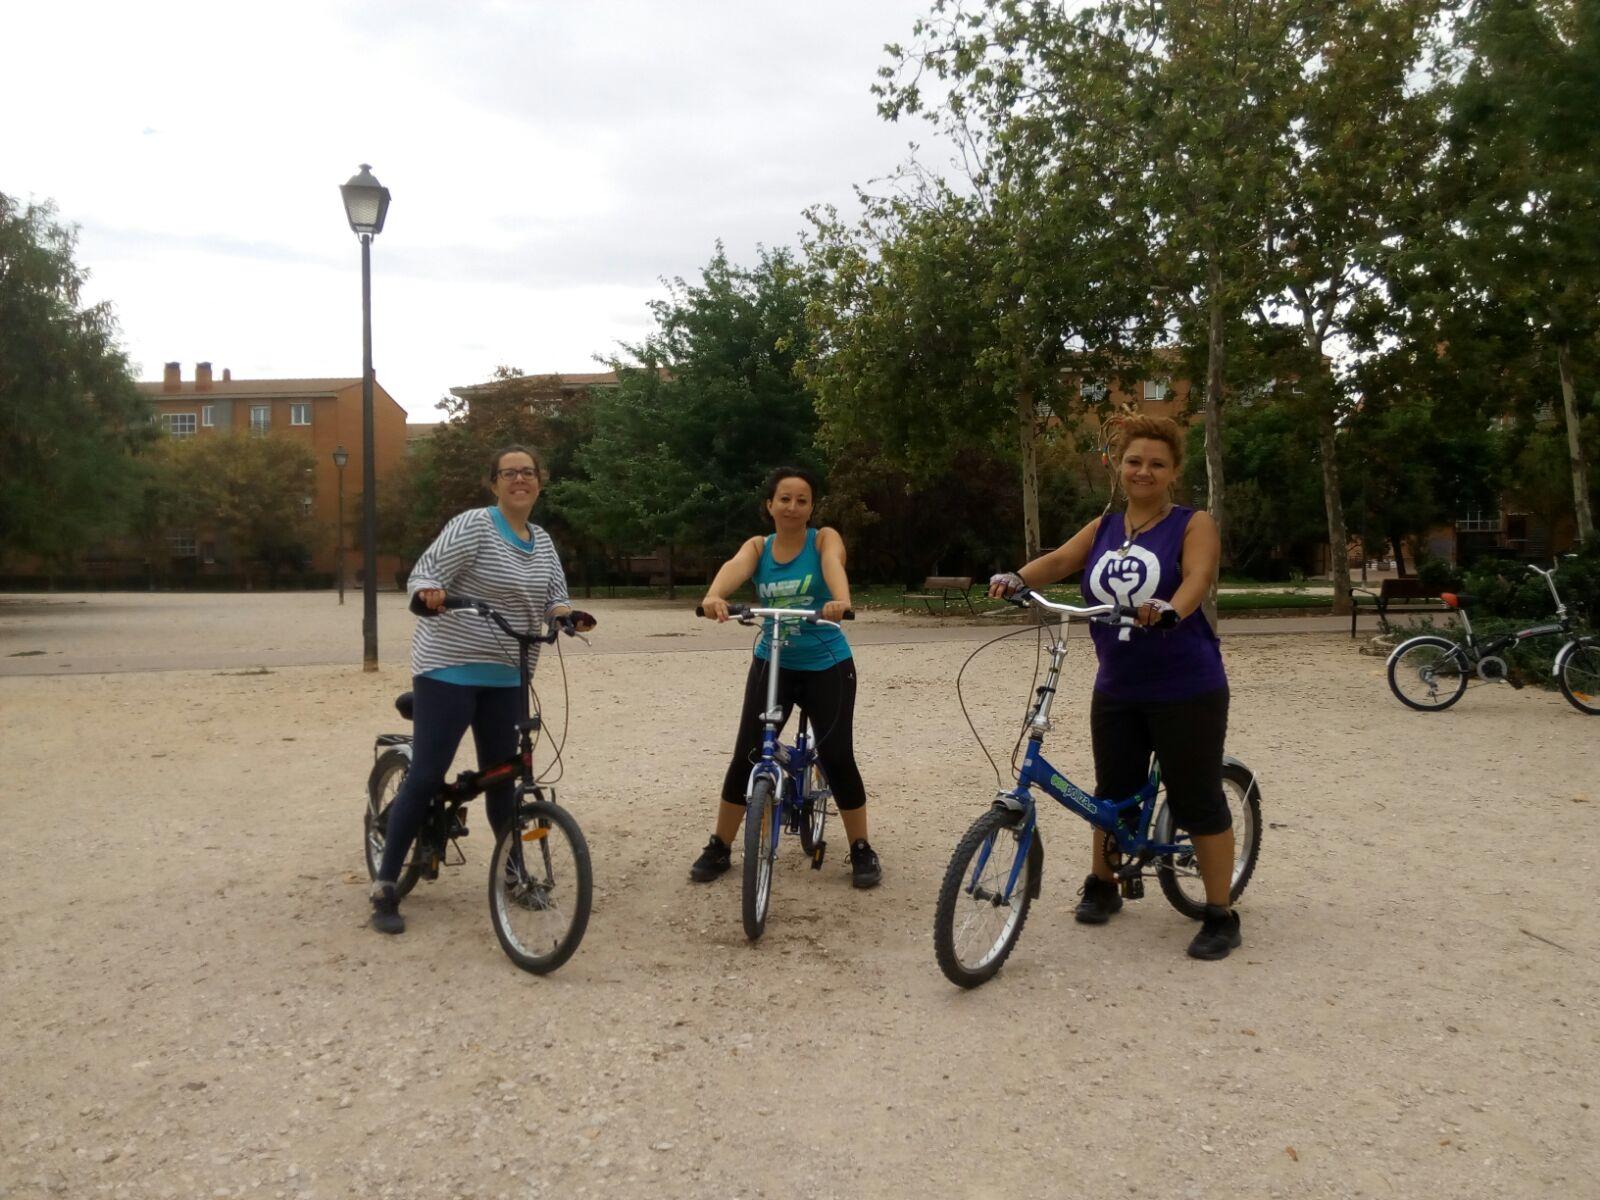 cursos para aprender a montar en bicicleta adultos